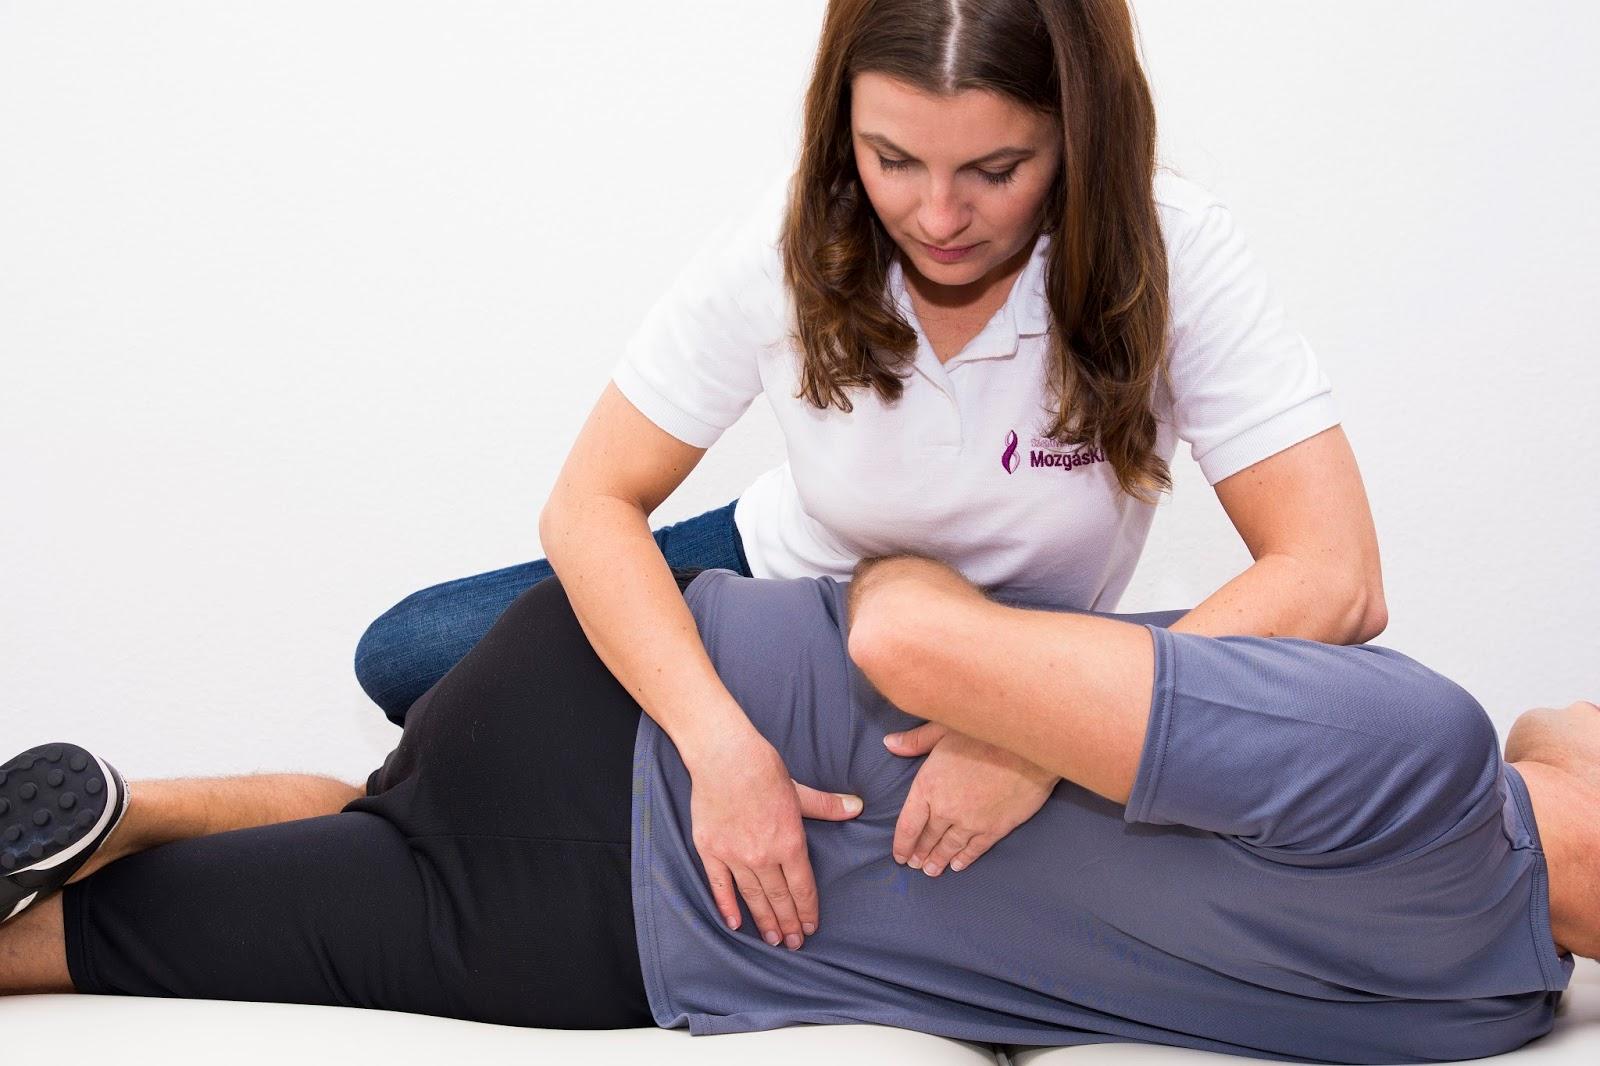 Kiropraktika & Osteopathia - Megánpraxis Dr. med. M. Rusznák, Hamburg